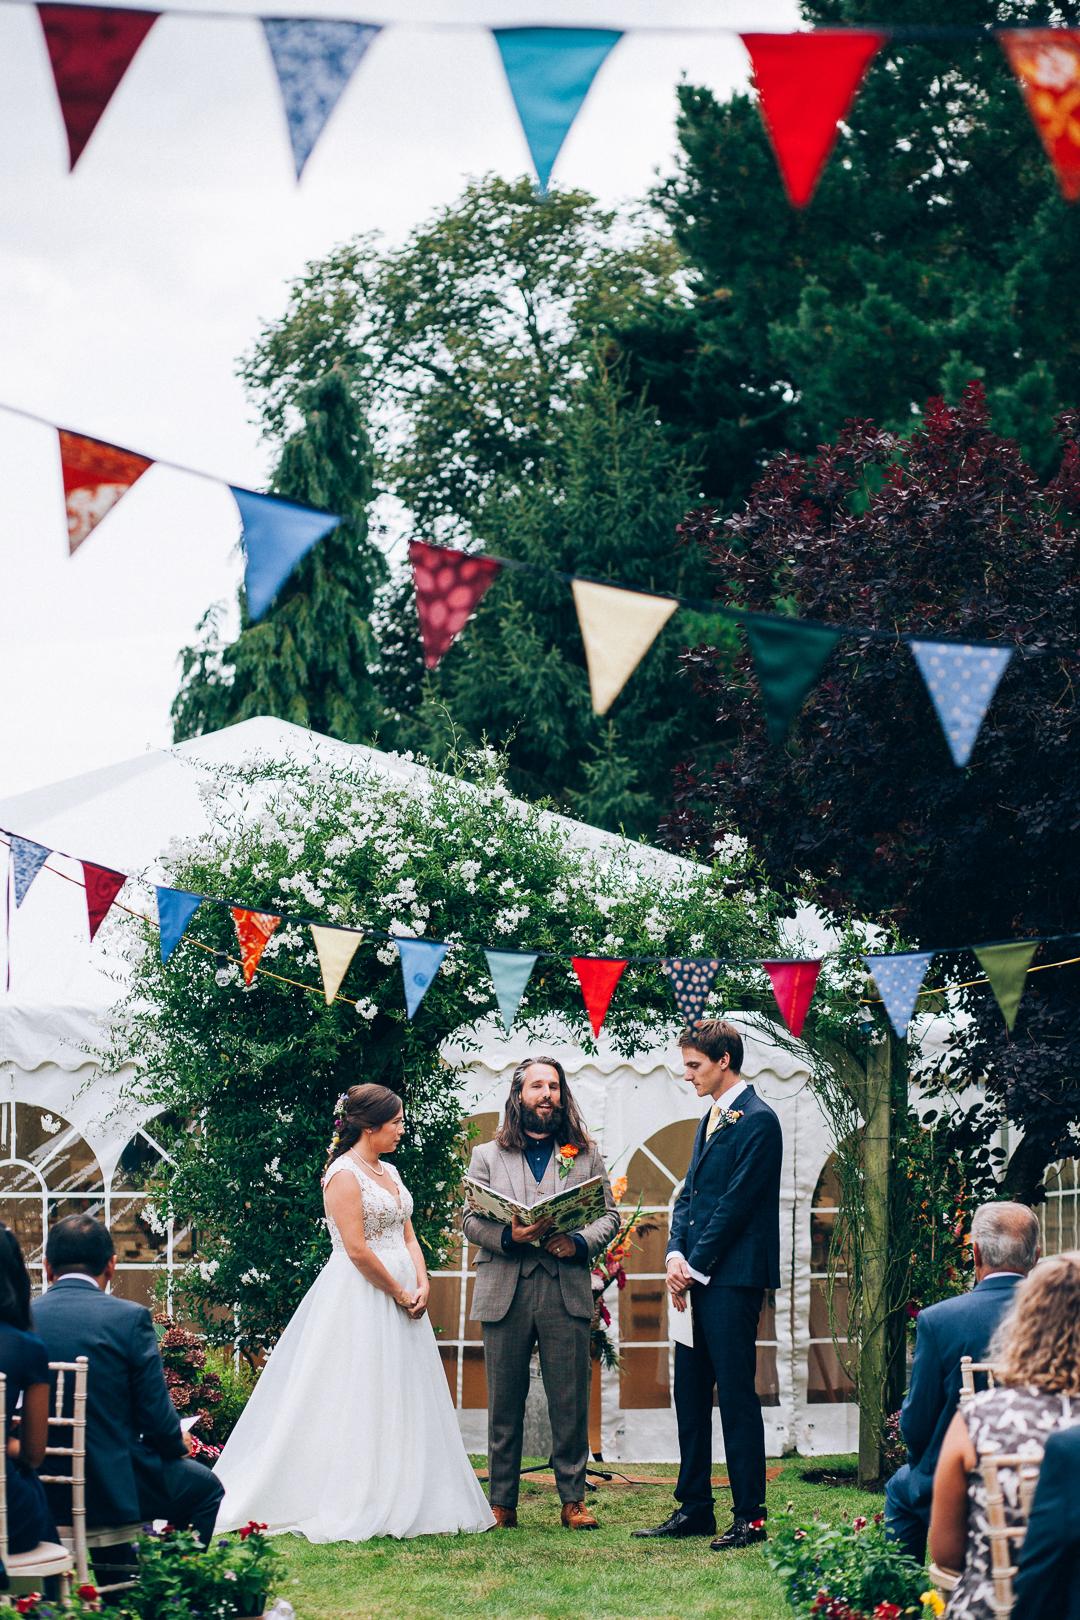 Devon colourful garden wedding humanist ceremony under the trees image